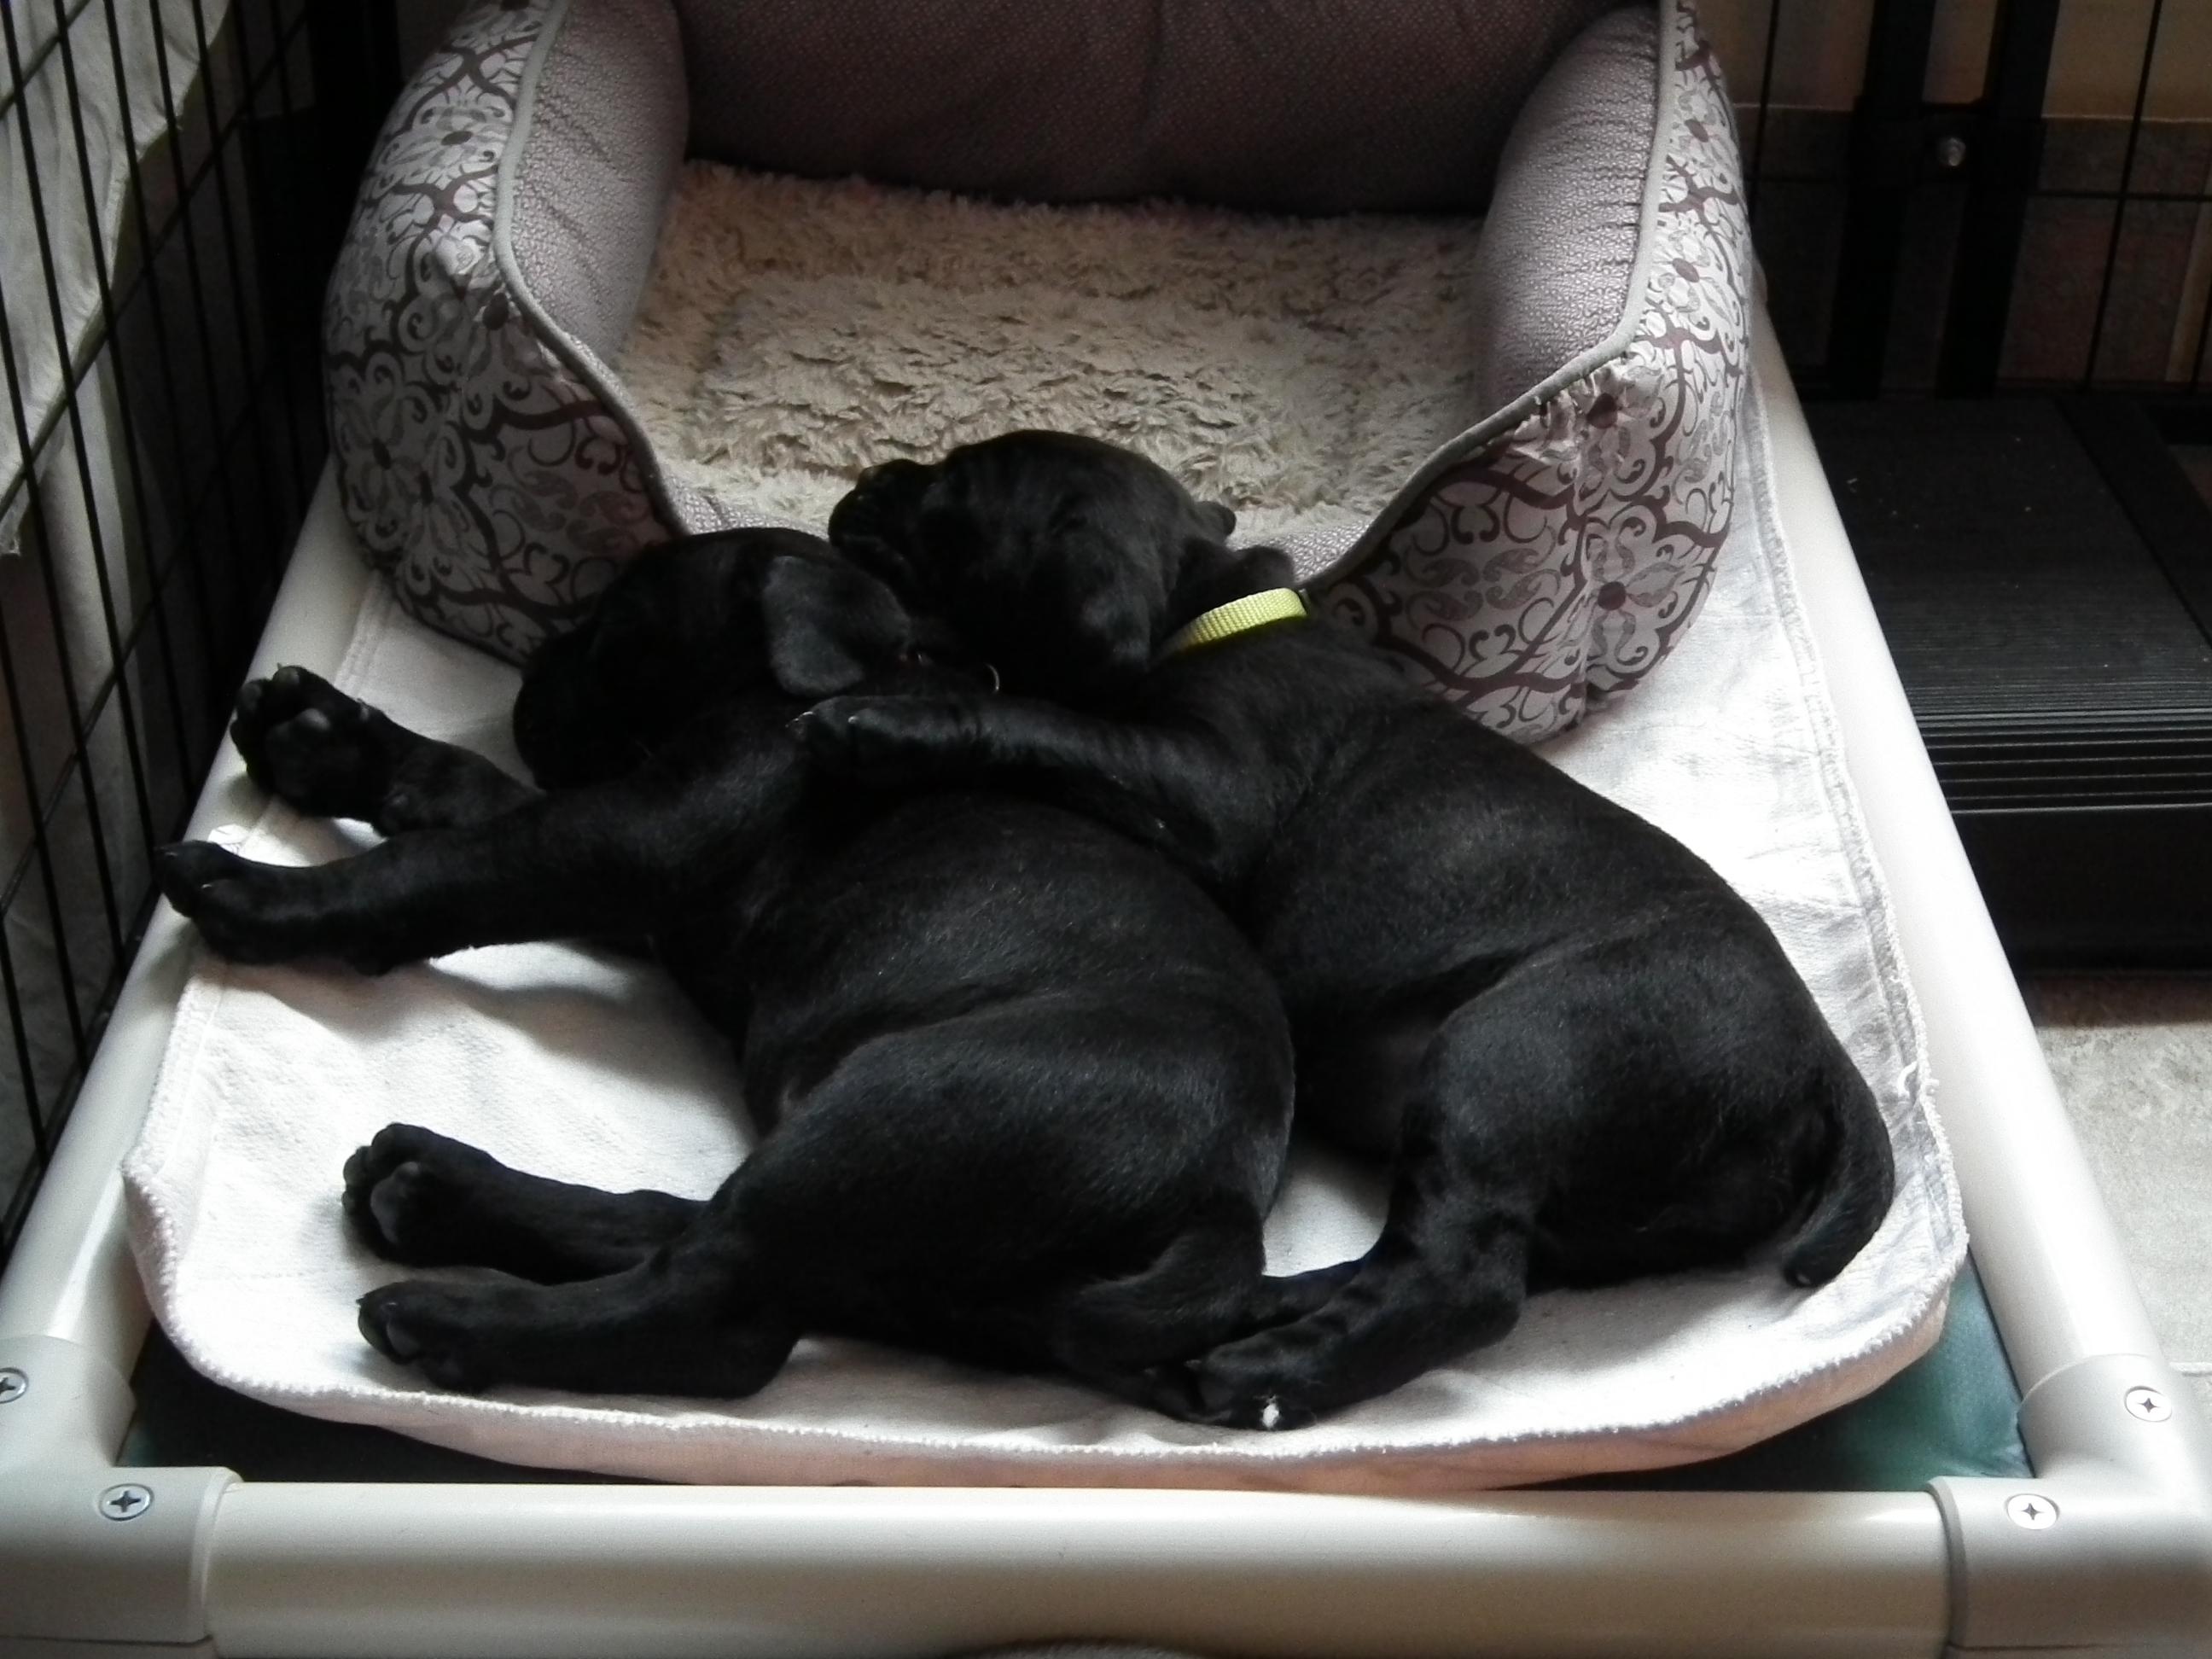 Sisters cuddling